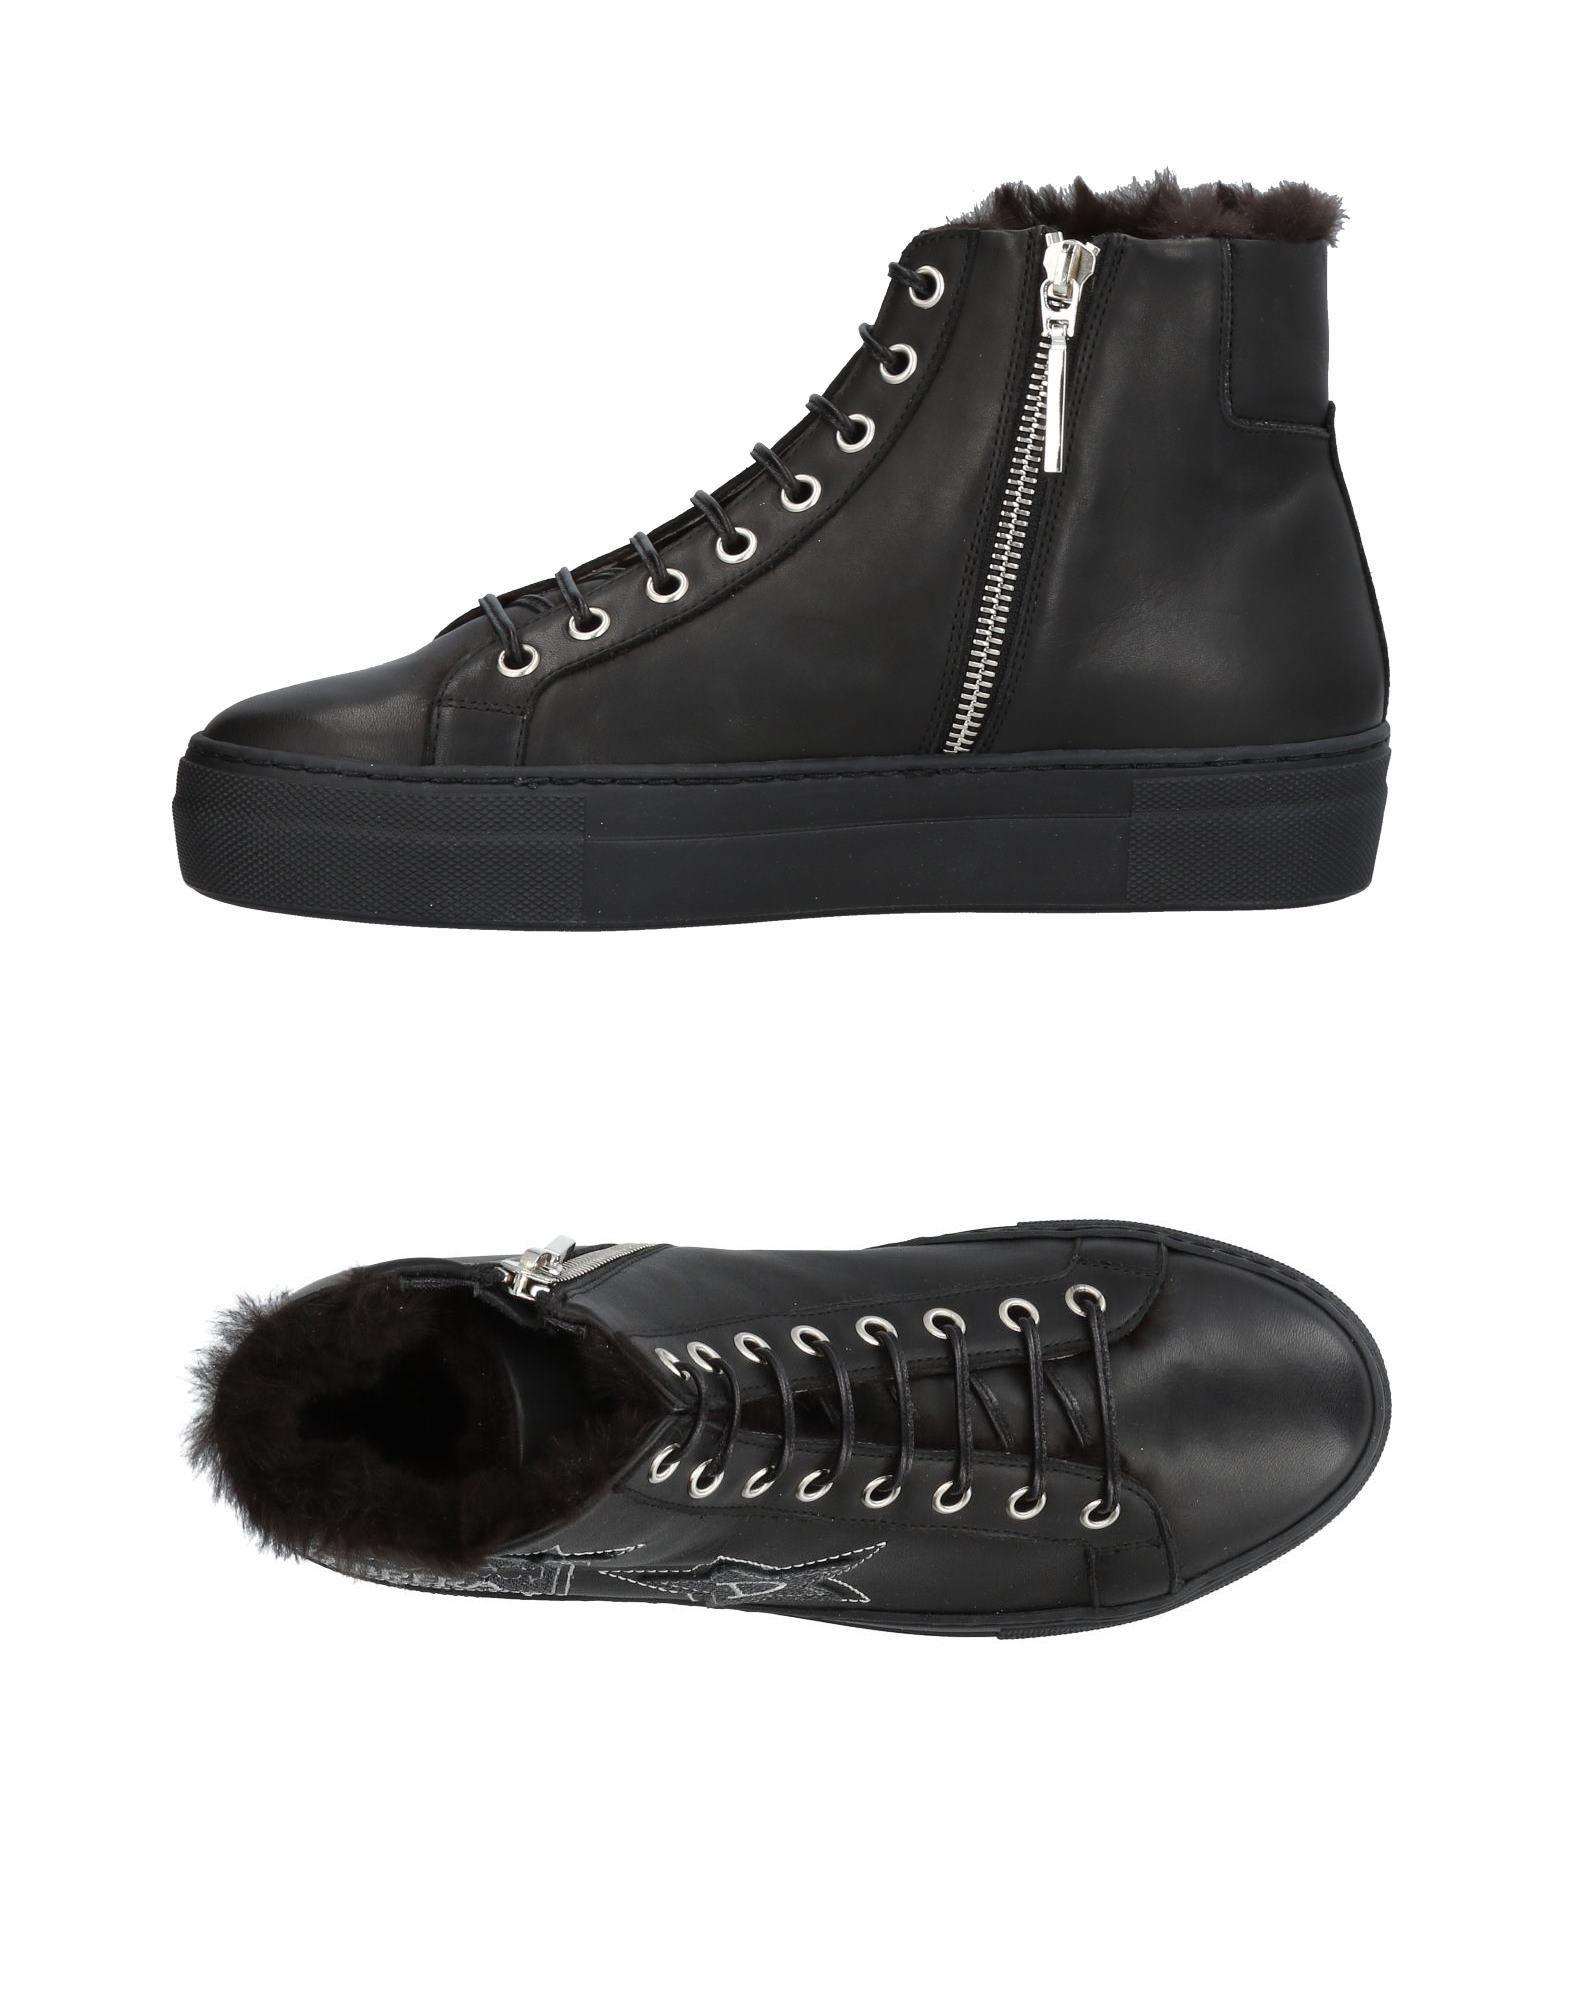 Klassischer Stil-19129,Dibrera Damen By Paolo Zanoli Sneakers Damen Stil-19129,Dibrera Gutes Preis-Leistungs-Verhältnis, es lohnt sich 6ece85